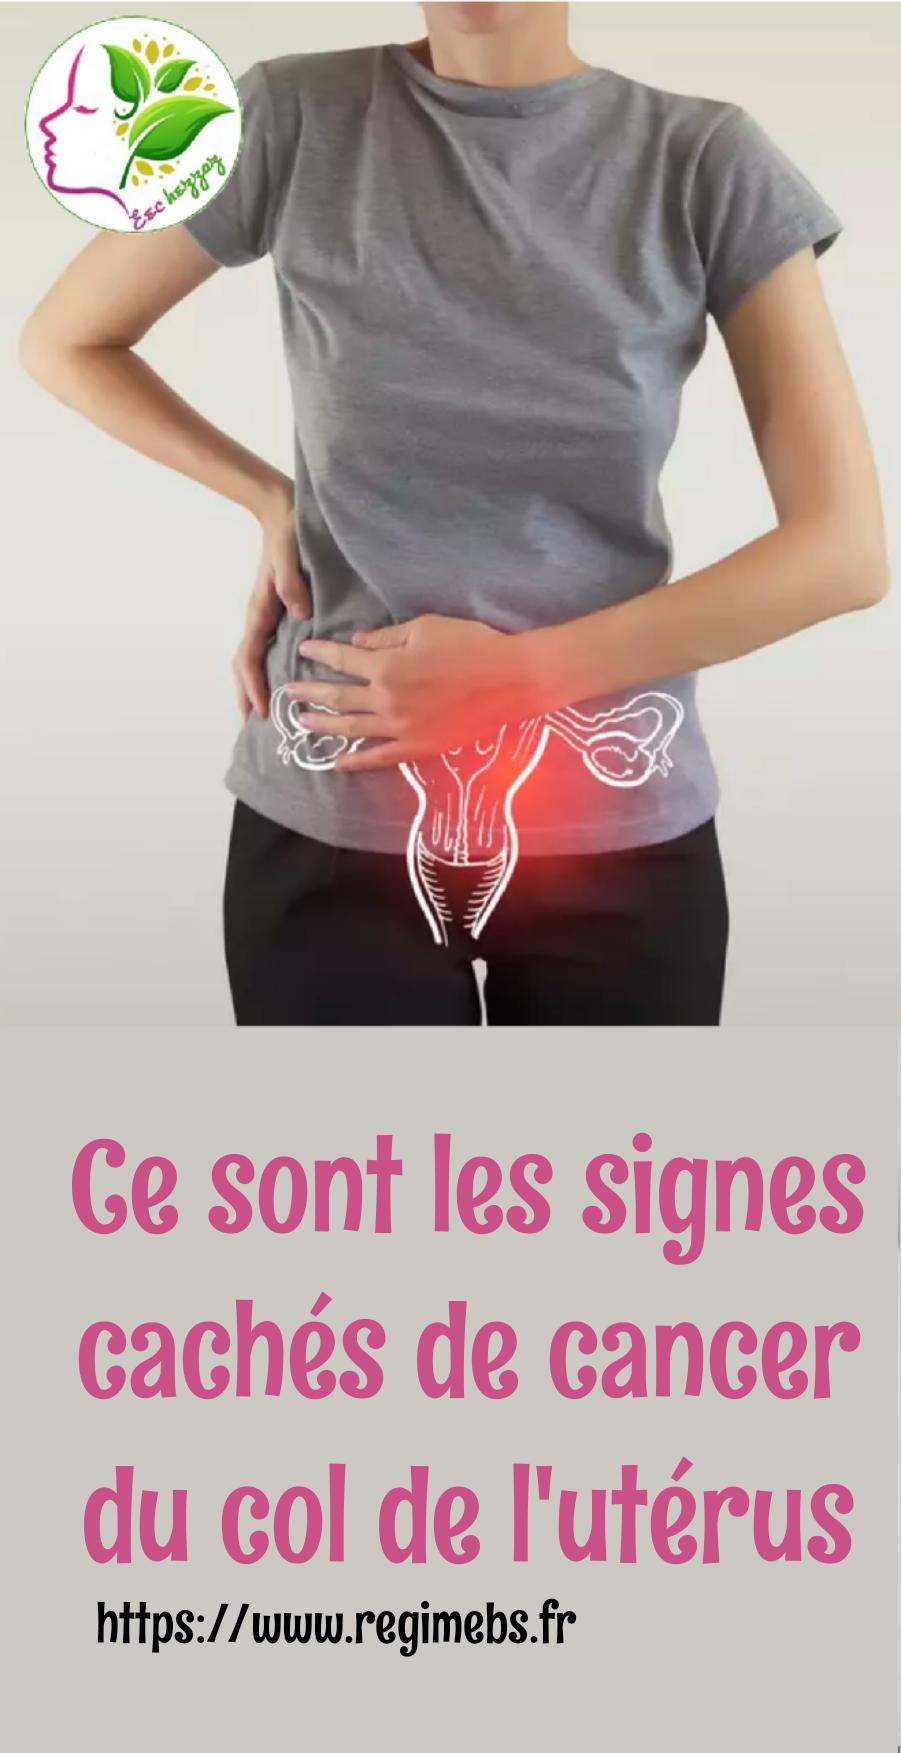 Ce sont les signes cachés de cancer du col de l'utérus